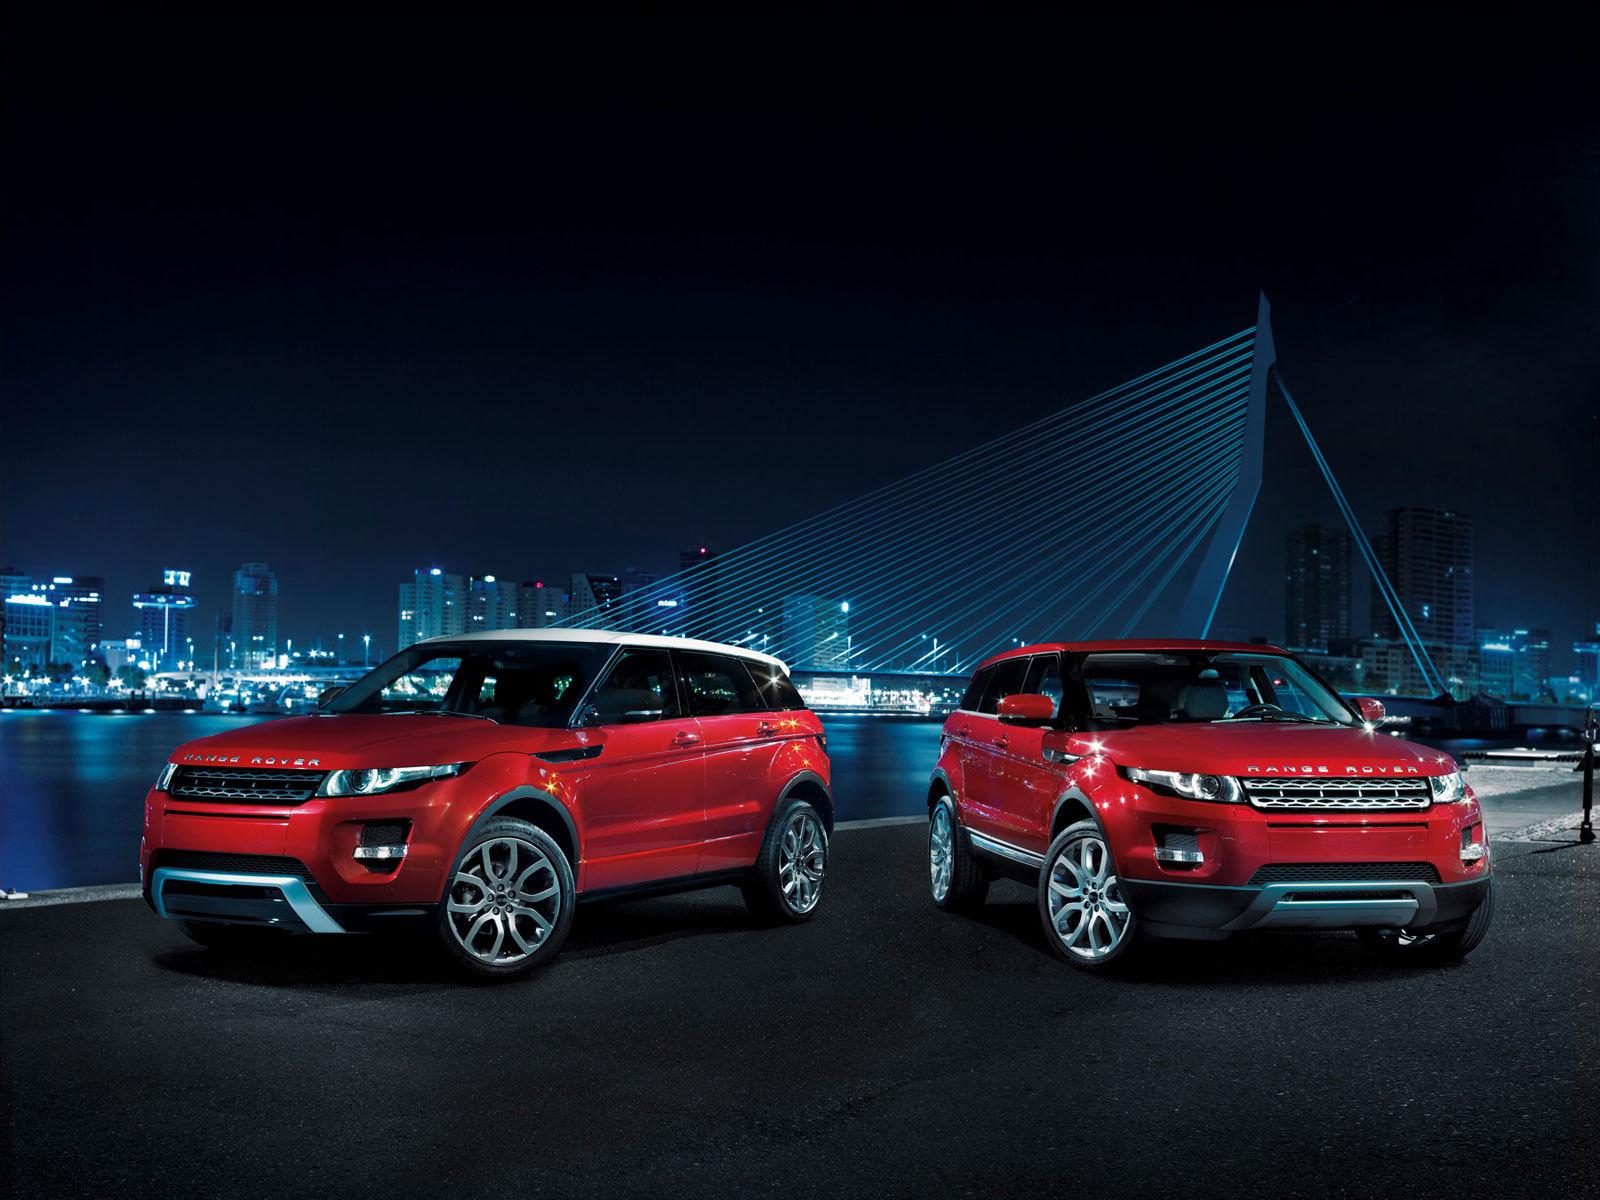 15494 скачать обои Транспорт, Машины, Рендж Ровер (Range Rover) - заставки и картинки бесплатно